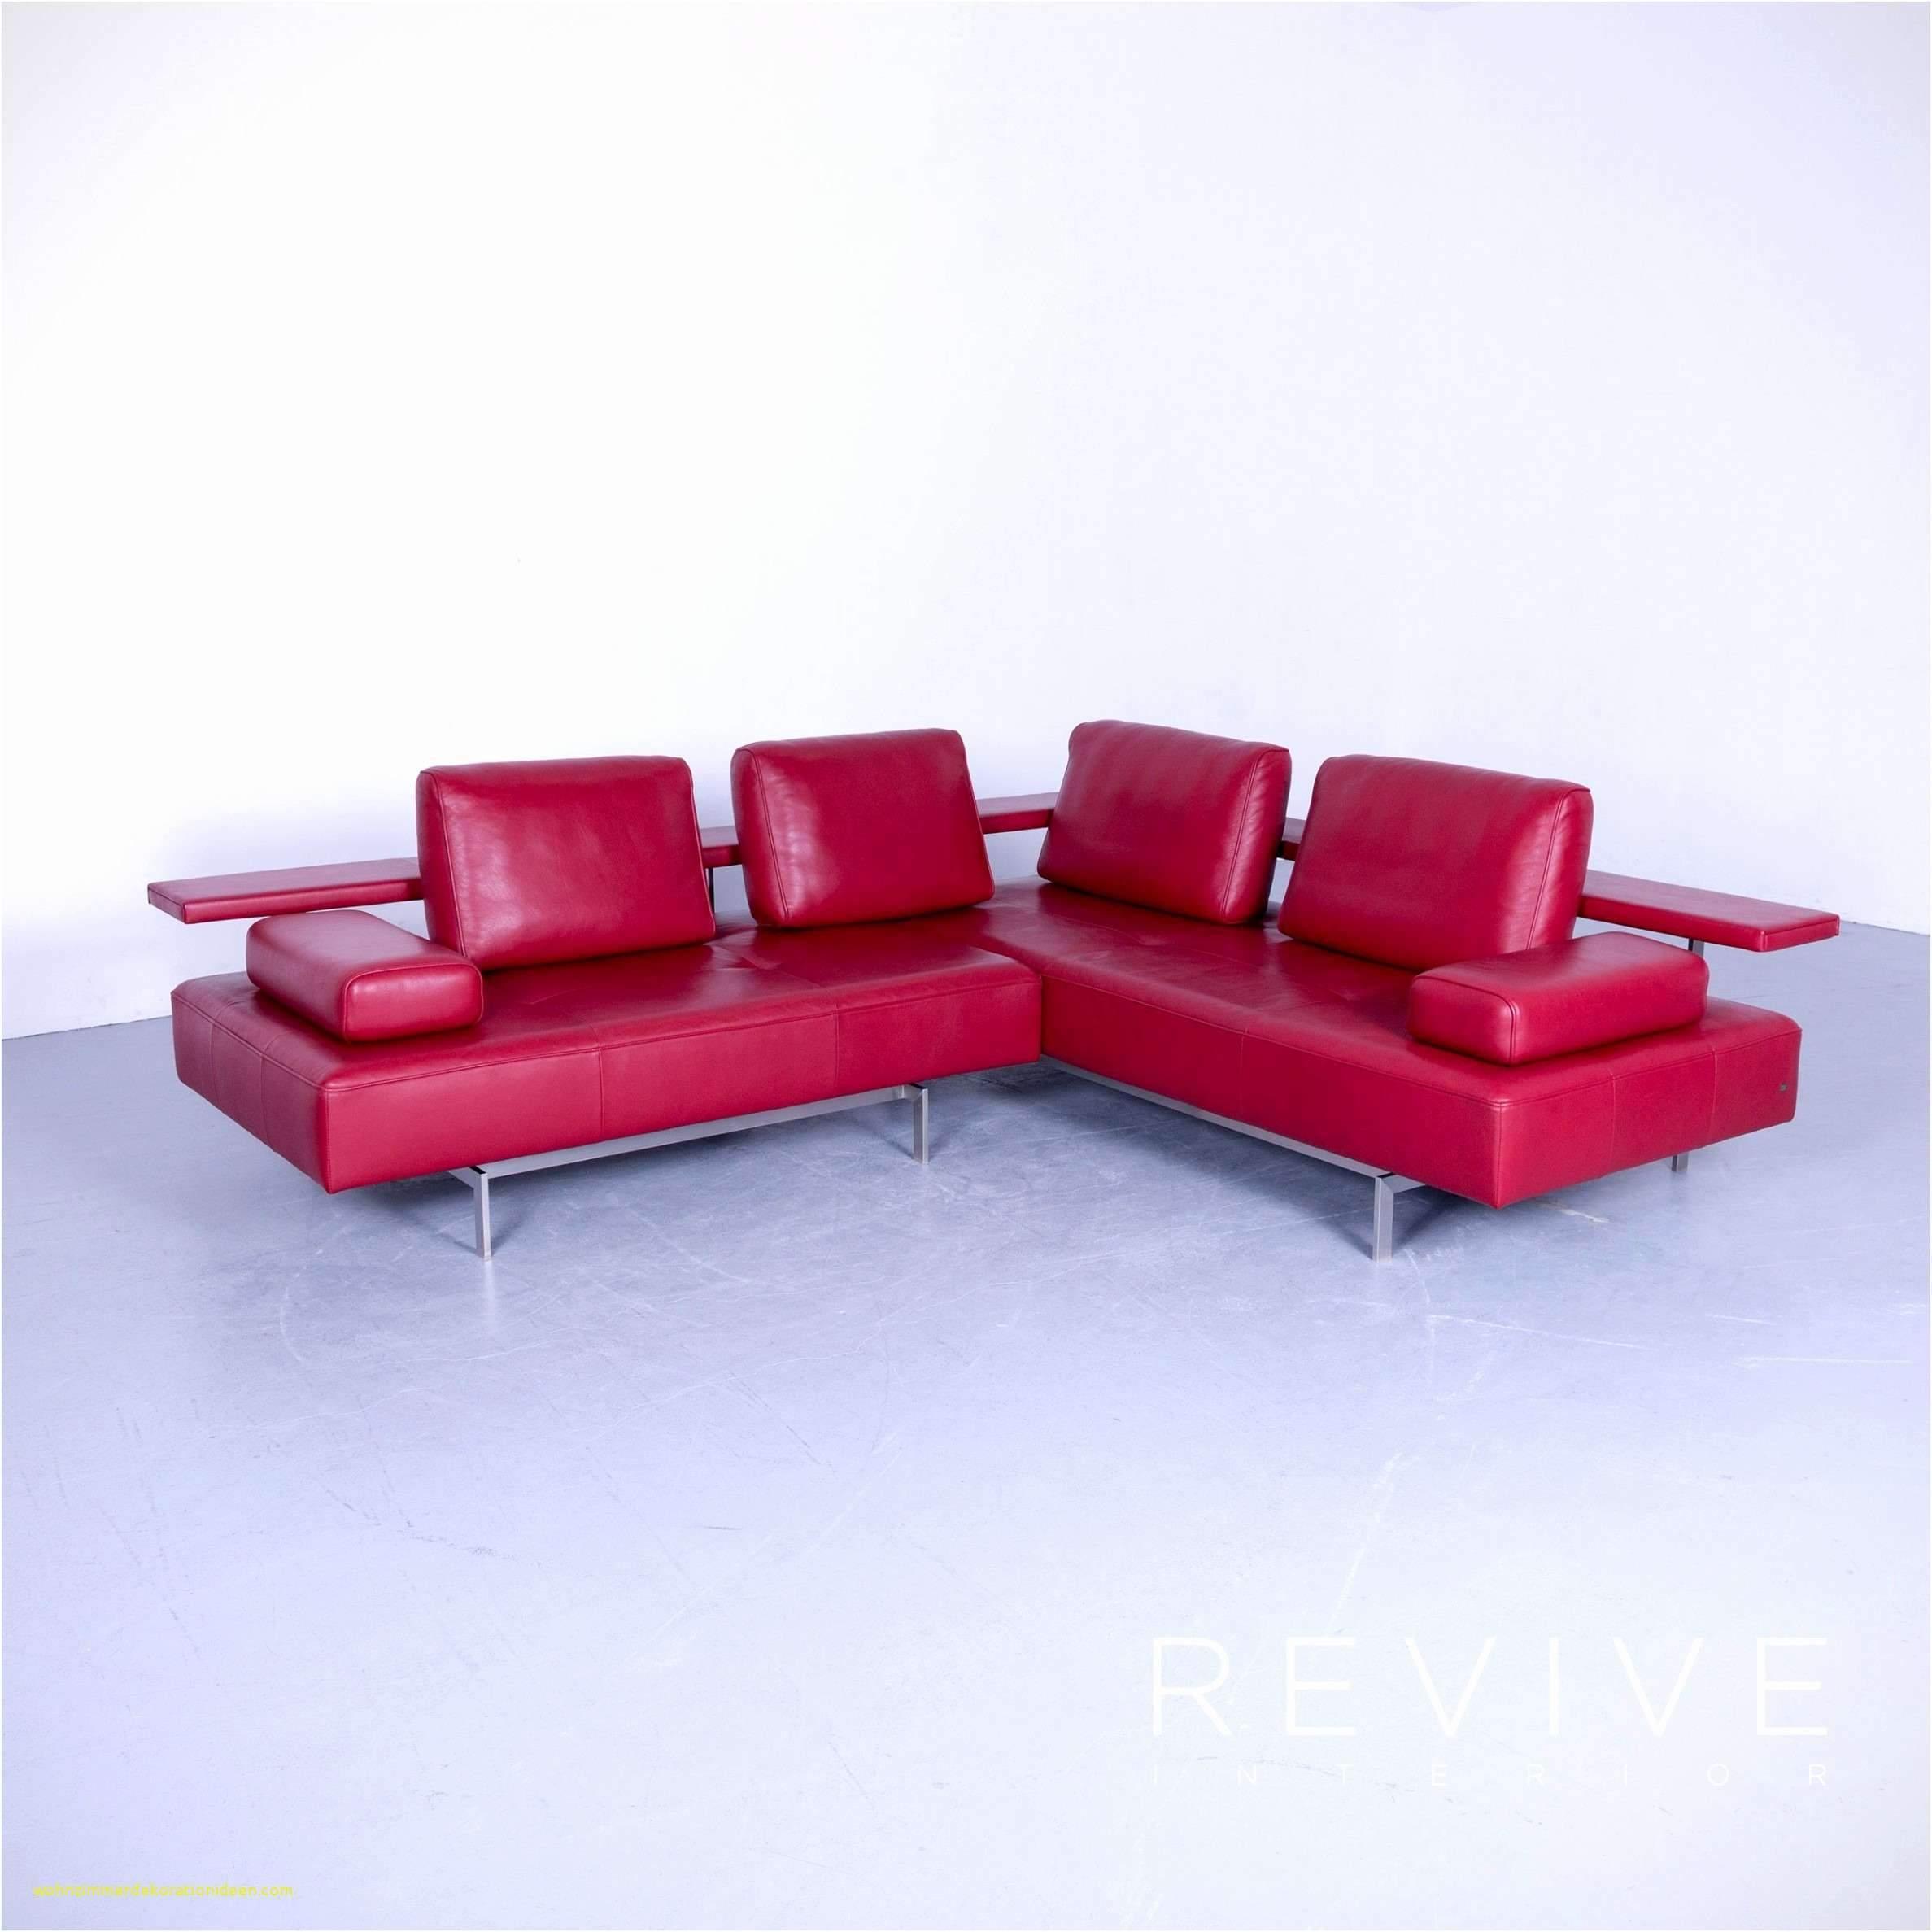 rattan sofa wohnzimmer elegant lounge sofa wohnzimmer tipps das beste von se jahre of rattan sofa wohnzimmer